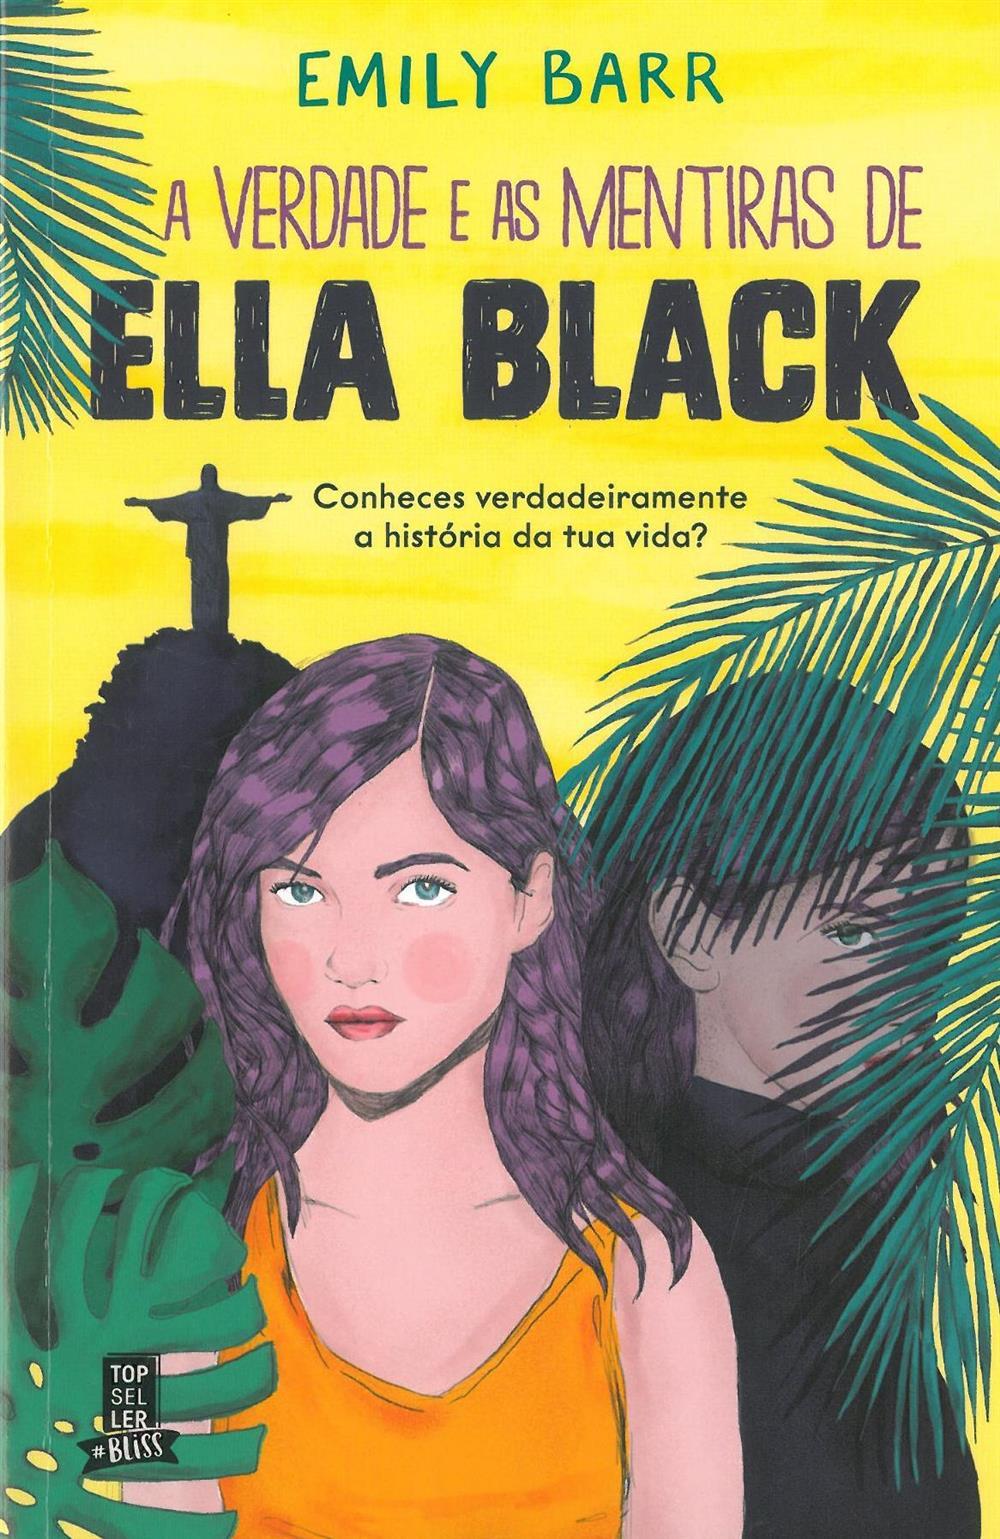 A verdade e as mentiras de Ella Black_.jpg